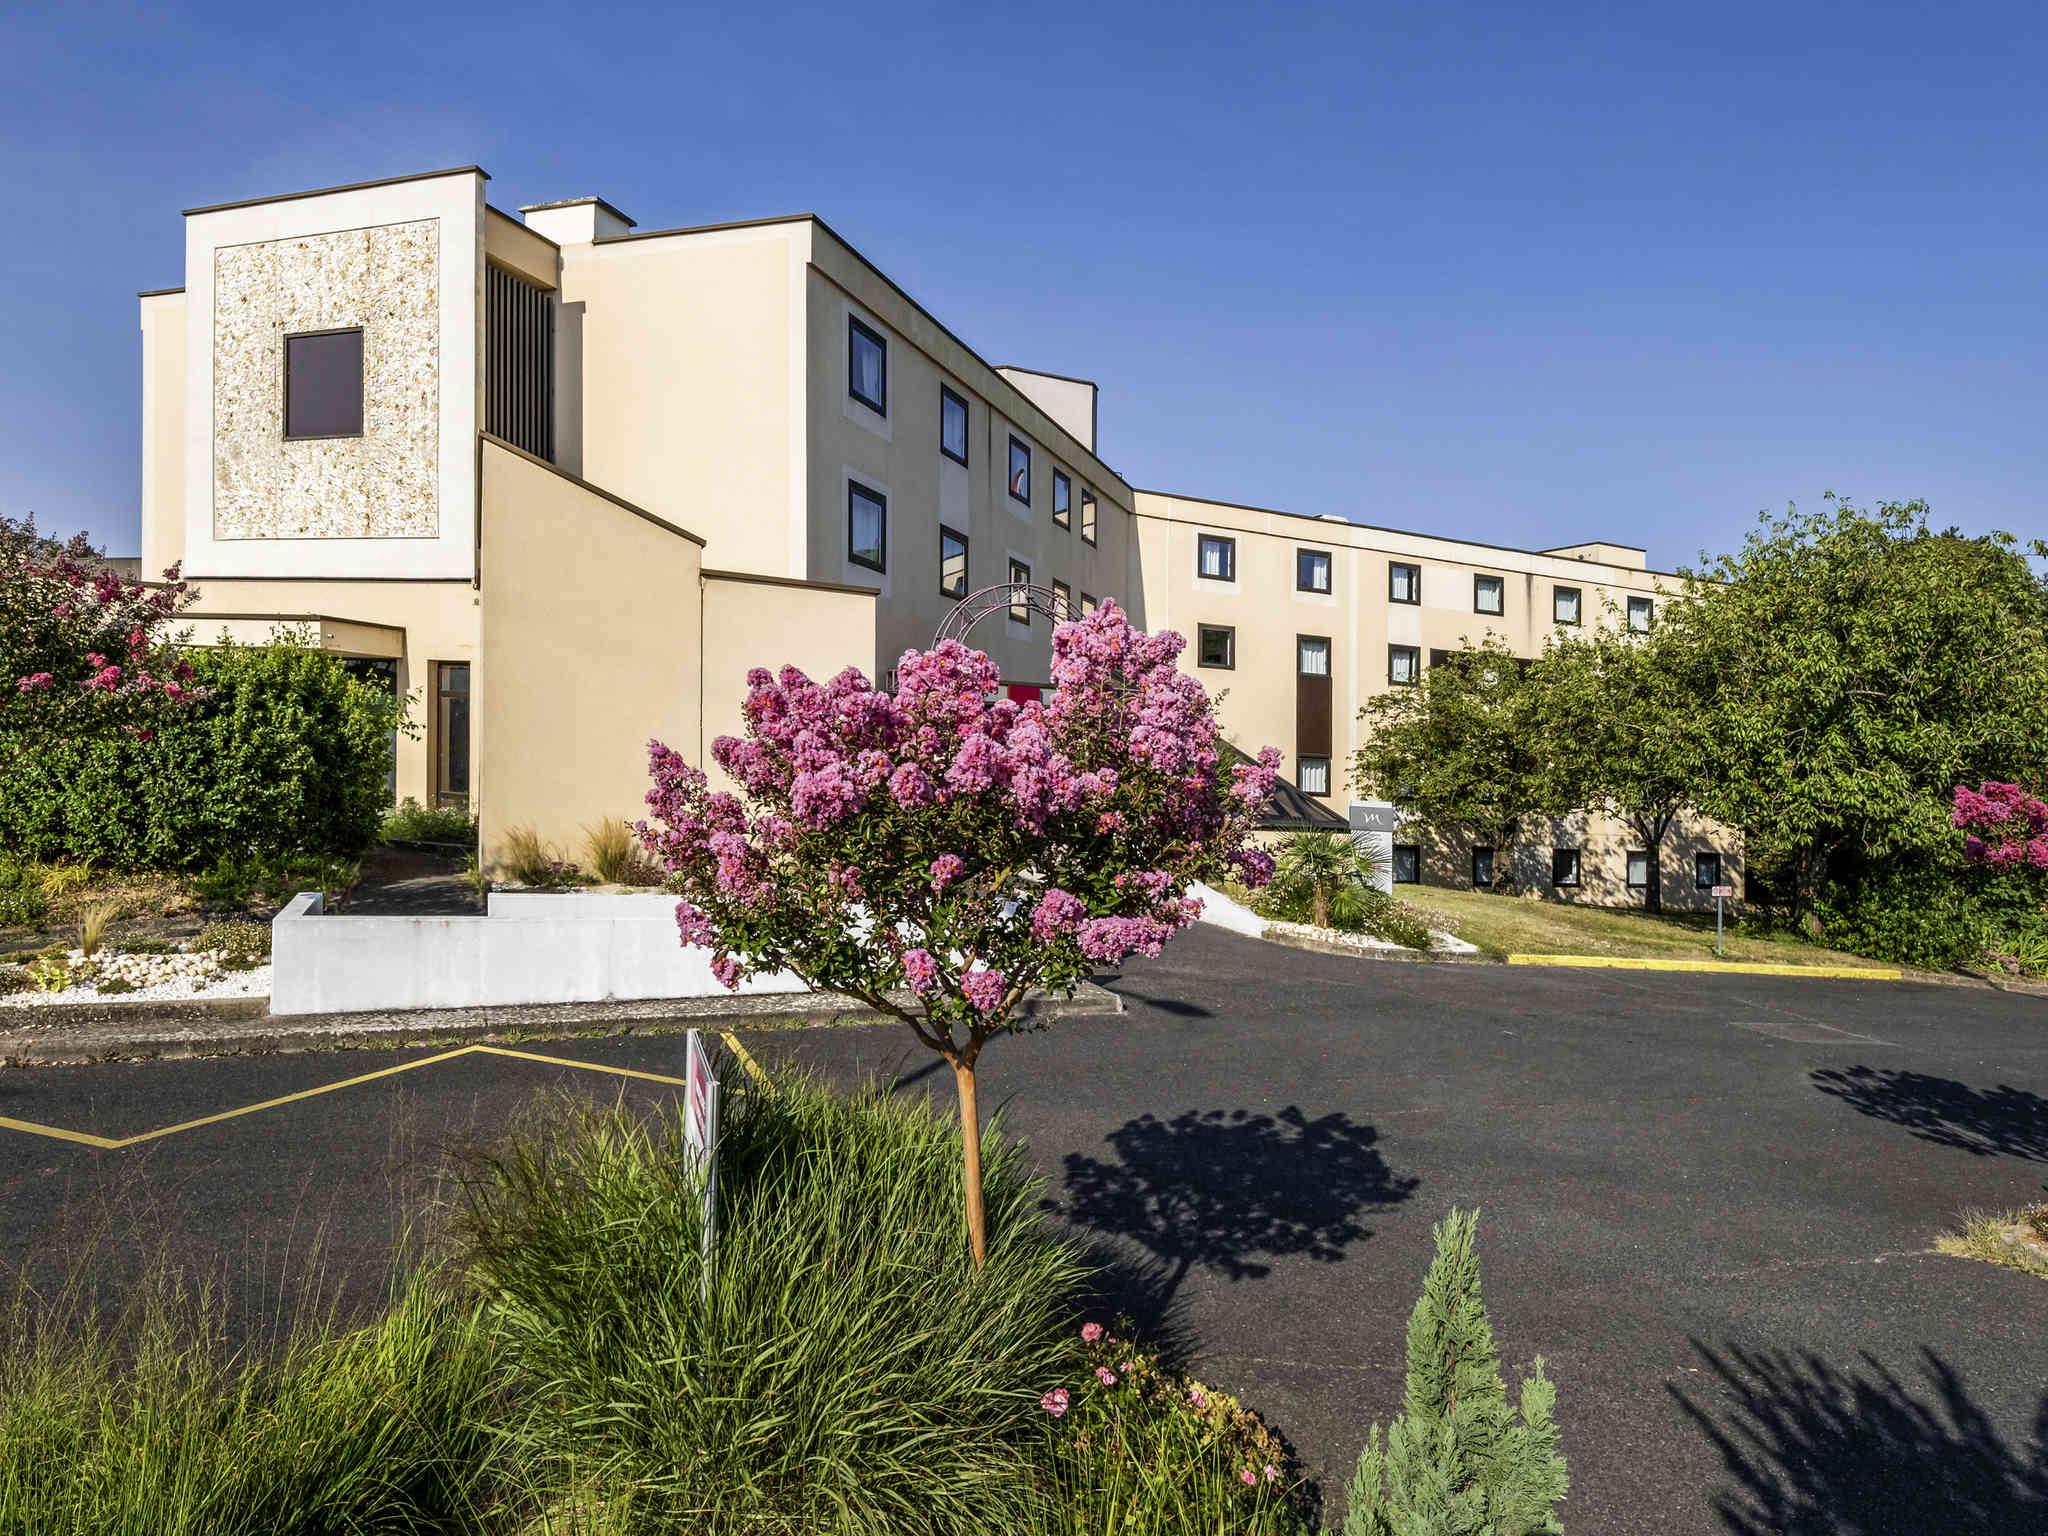 Hotel – Hotel Mercure Tours Sur